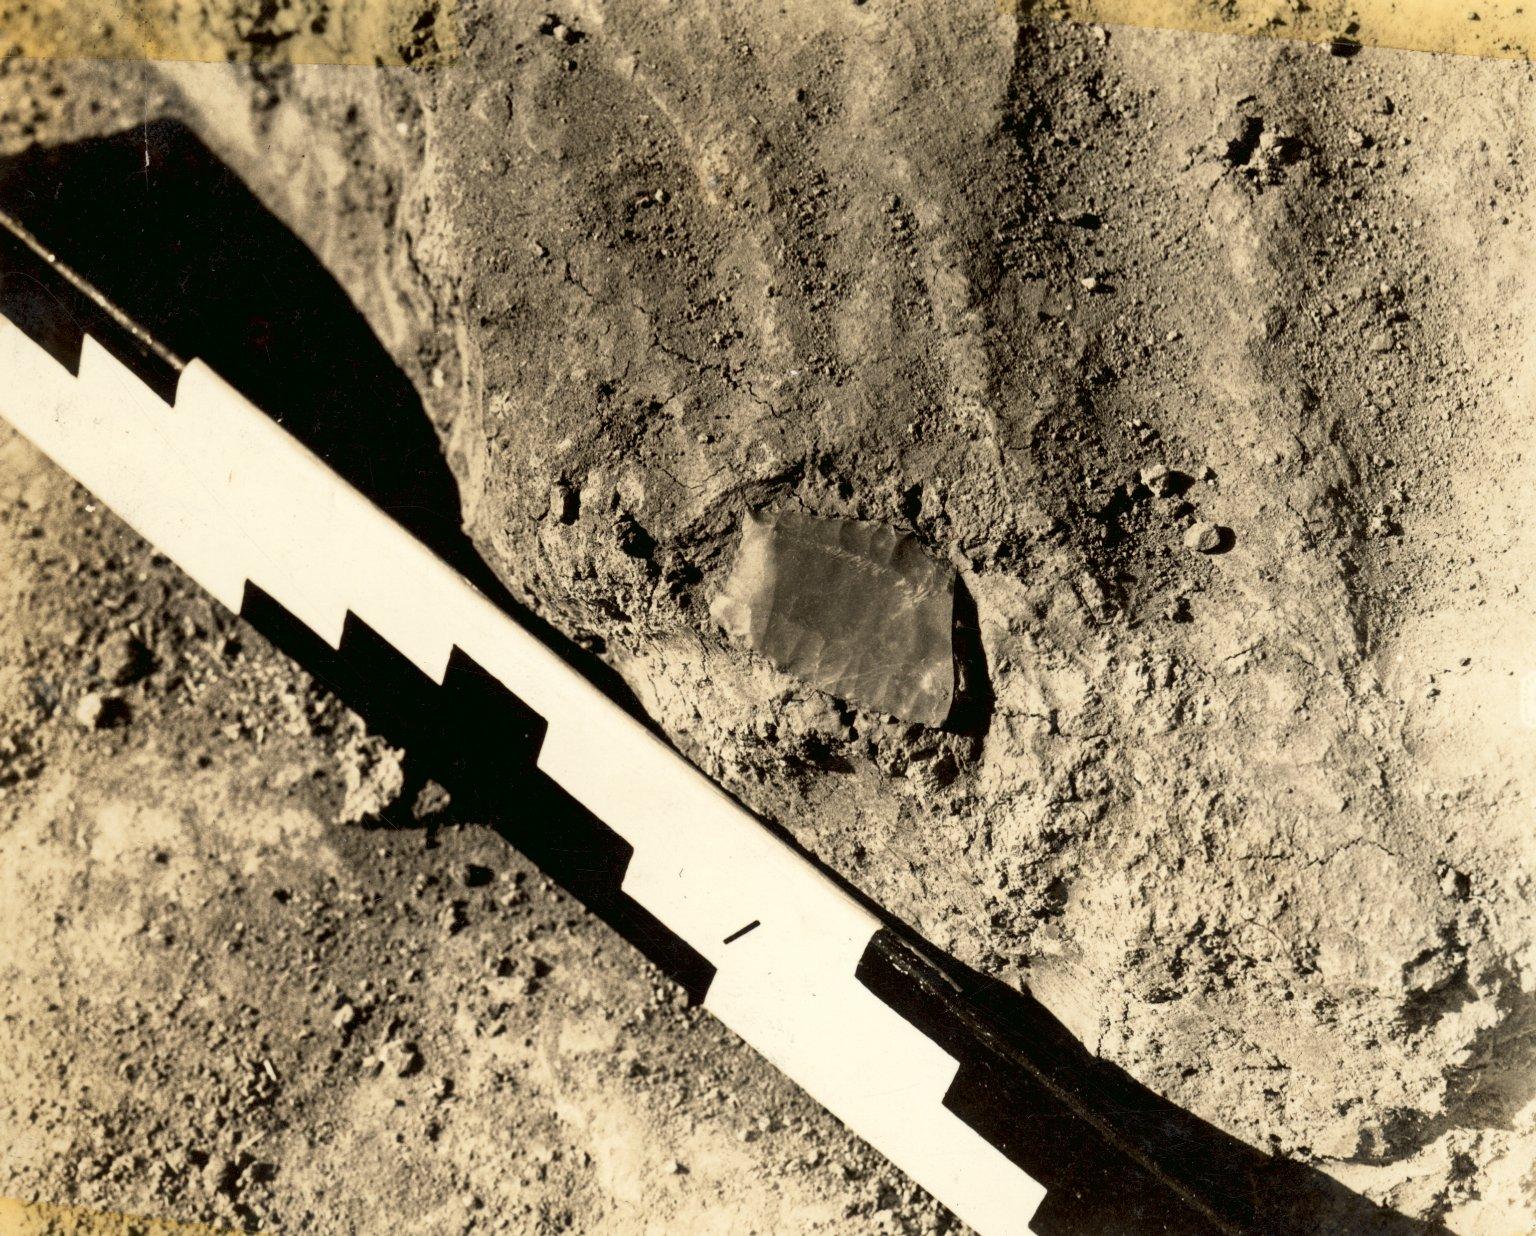 Folsom point fragment